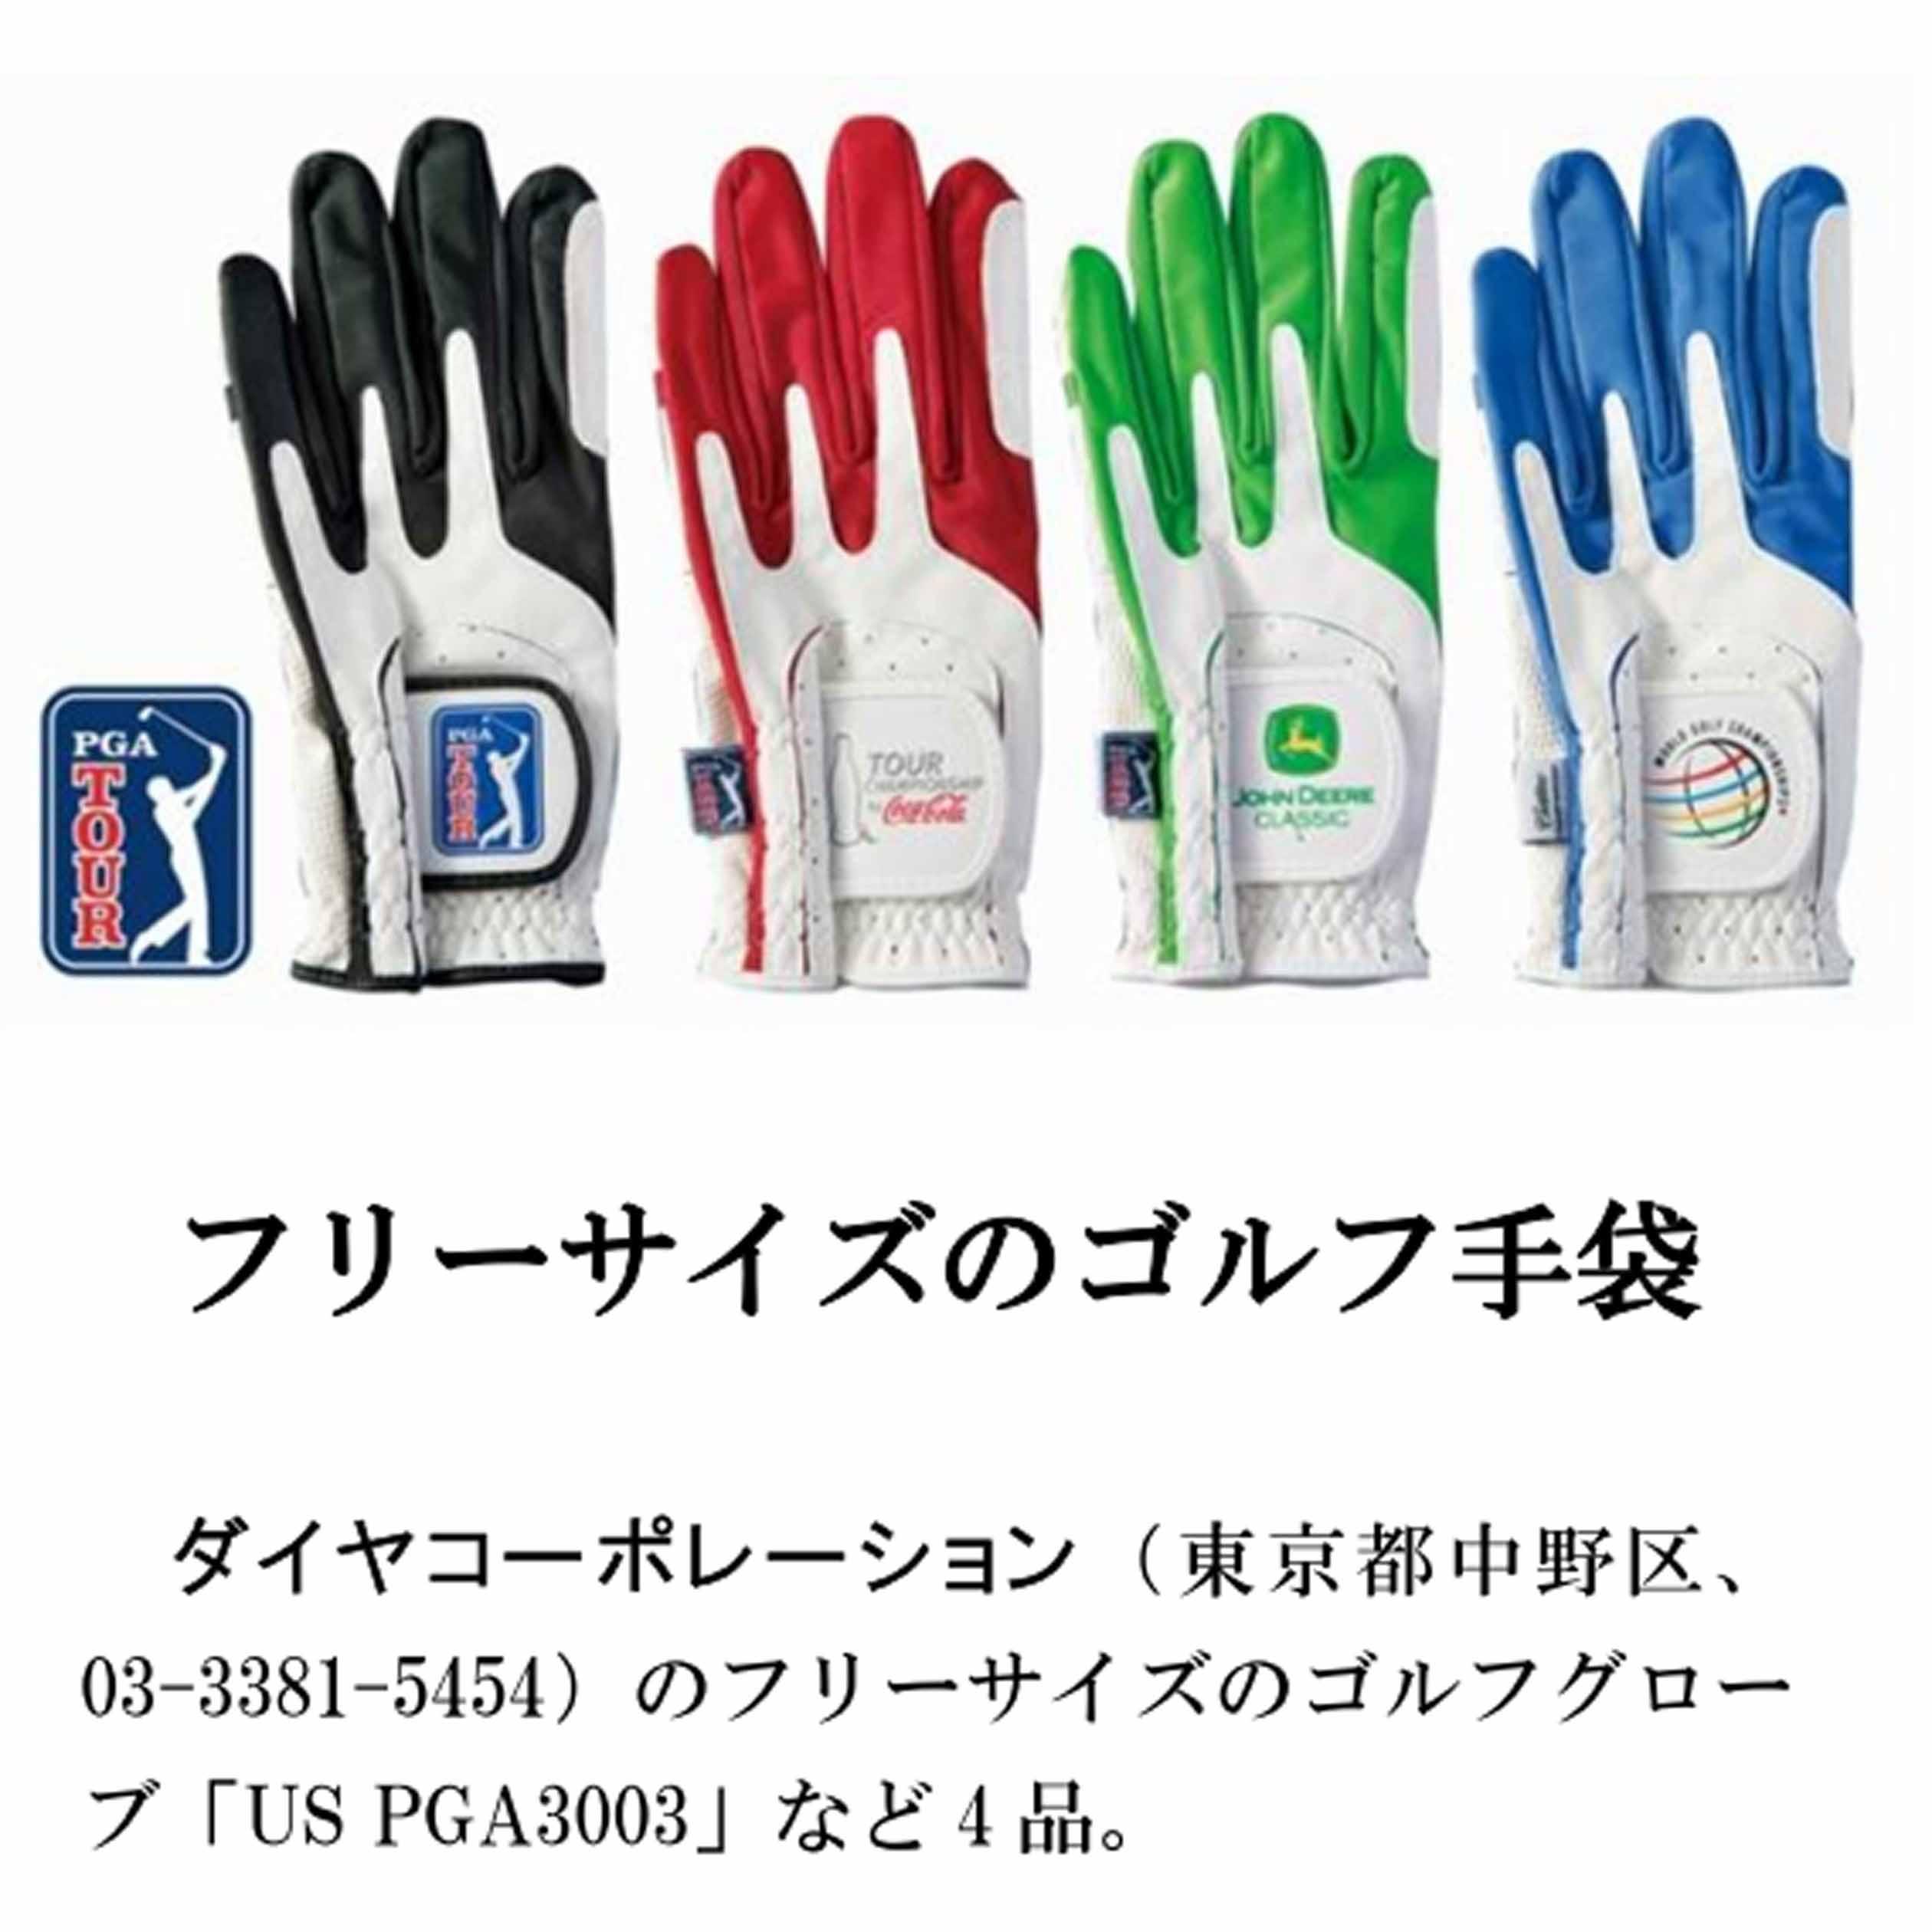 日経MJ:『US PGA グローブ』がフリーサイズのゴルフ手袋として紹介されました。※5/9号13面